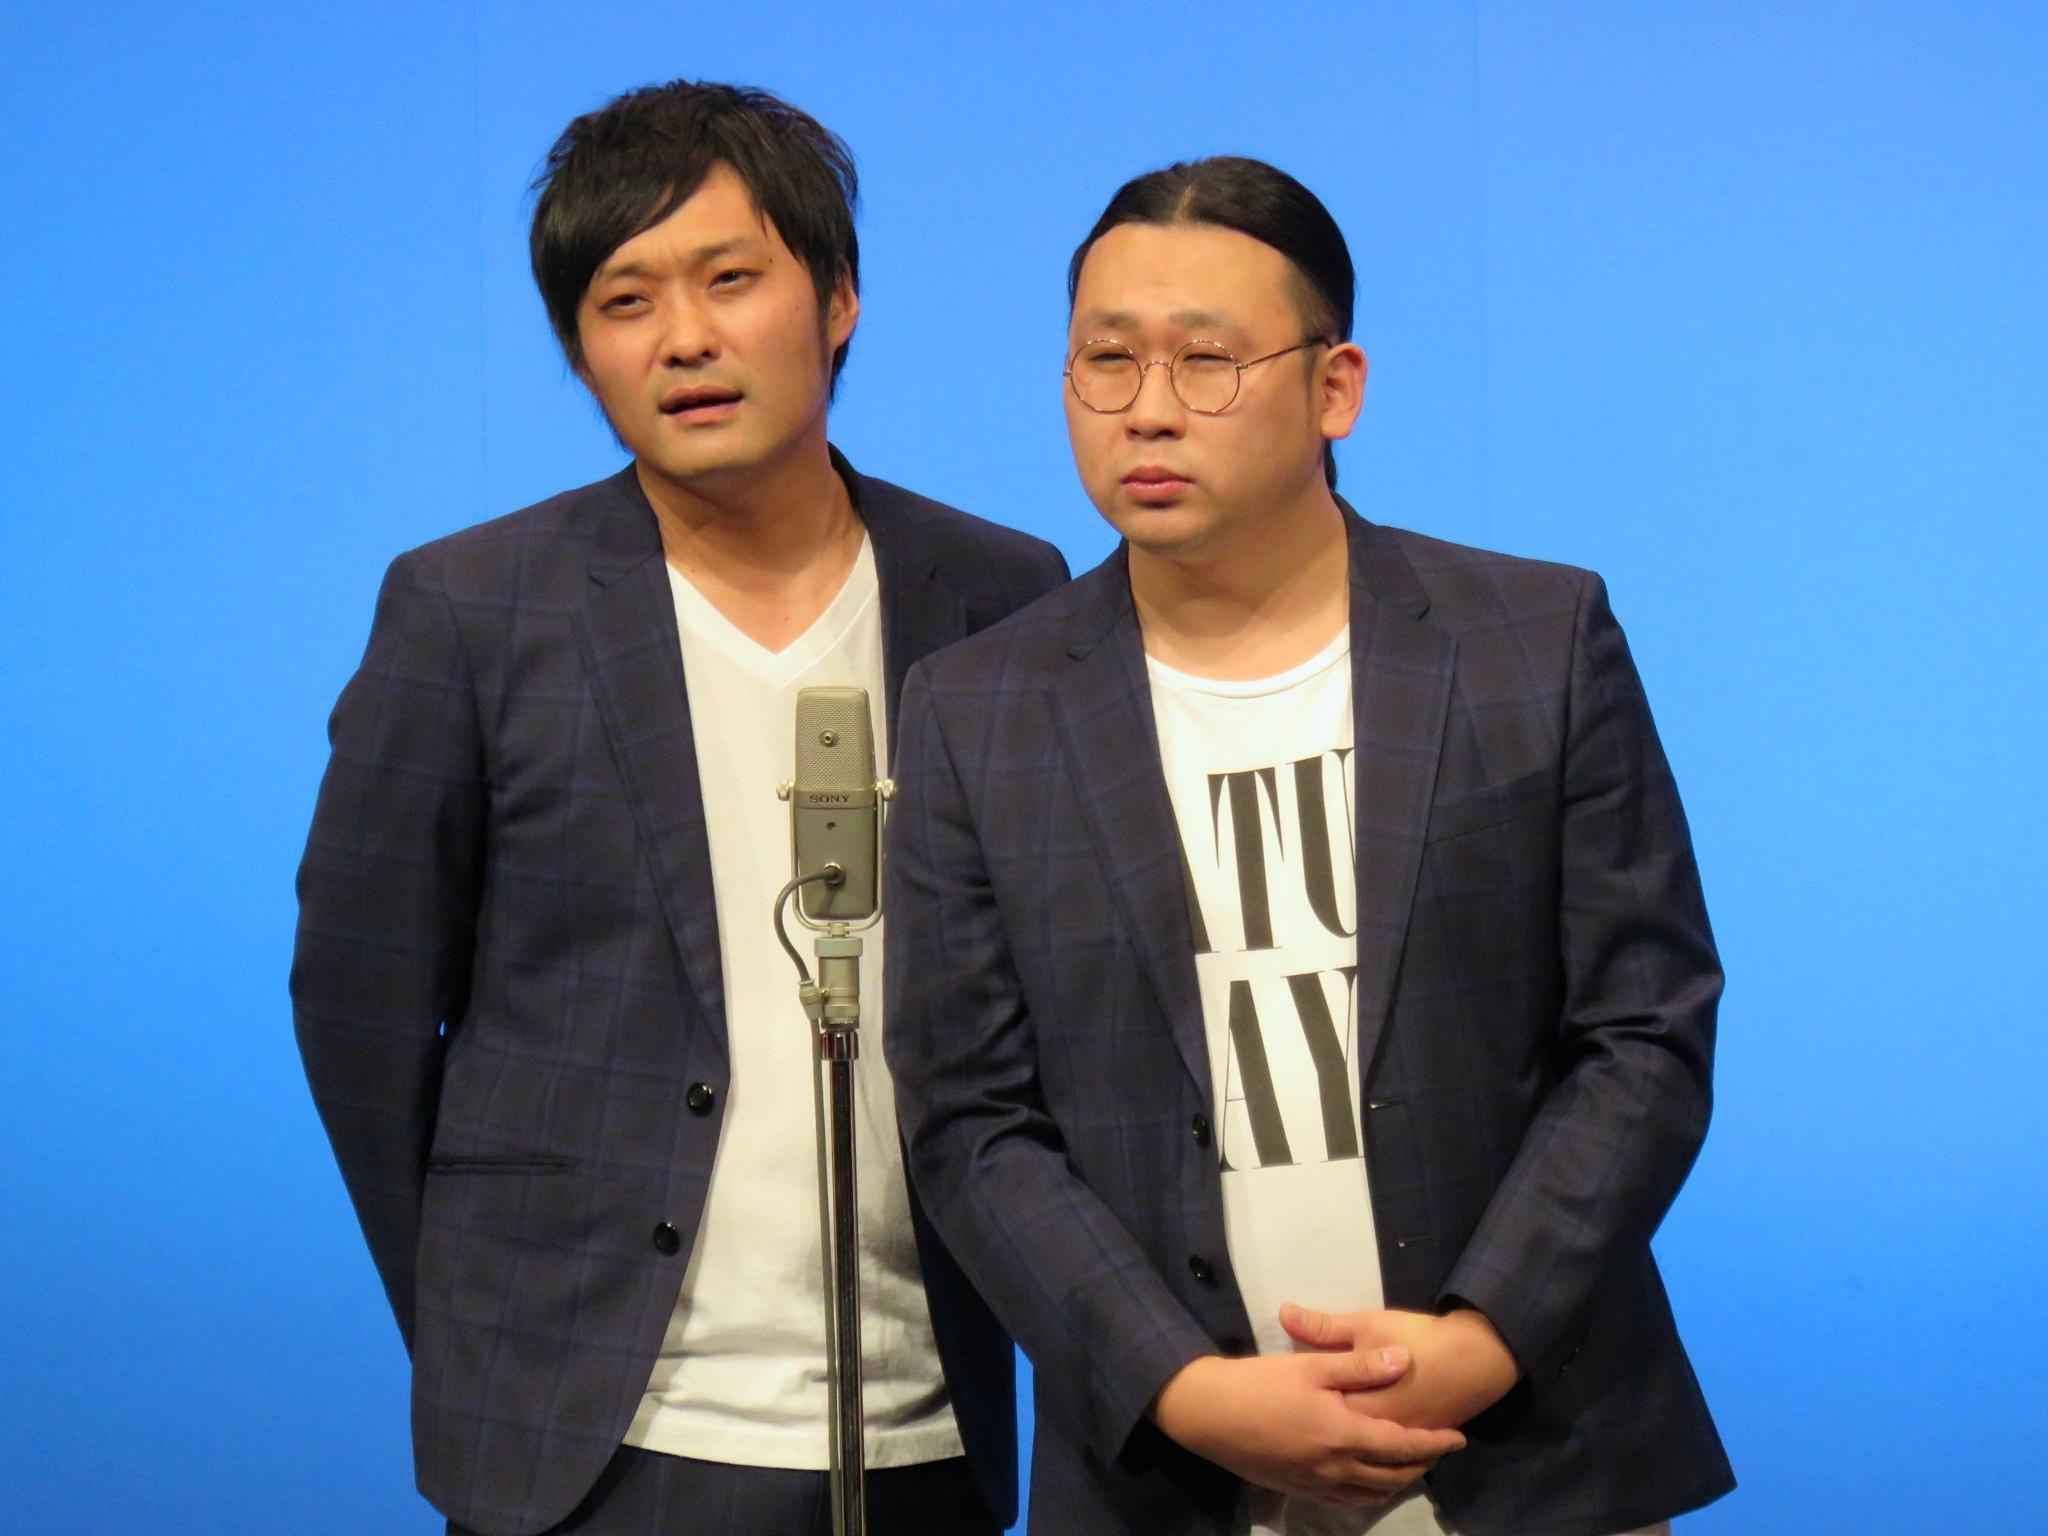 http://news.yoshimoto.co.jp/20170318121415-aa1d6e335c9292ca70d8dc8787e0cab092d9bd92.jpg